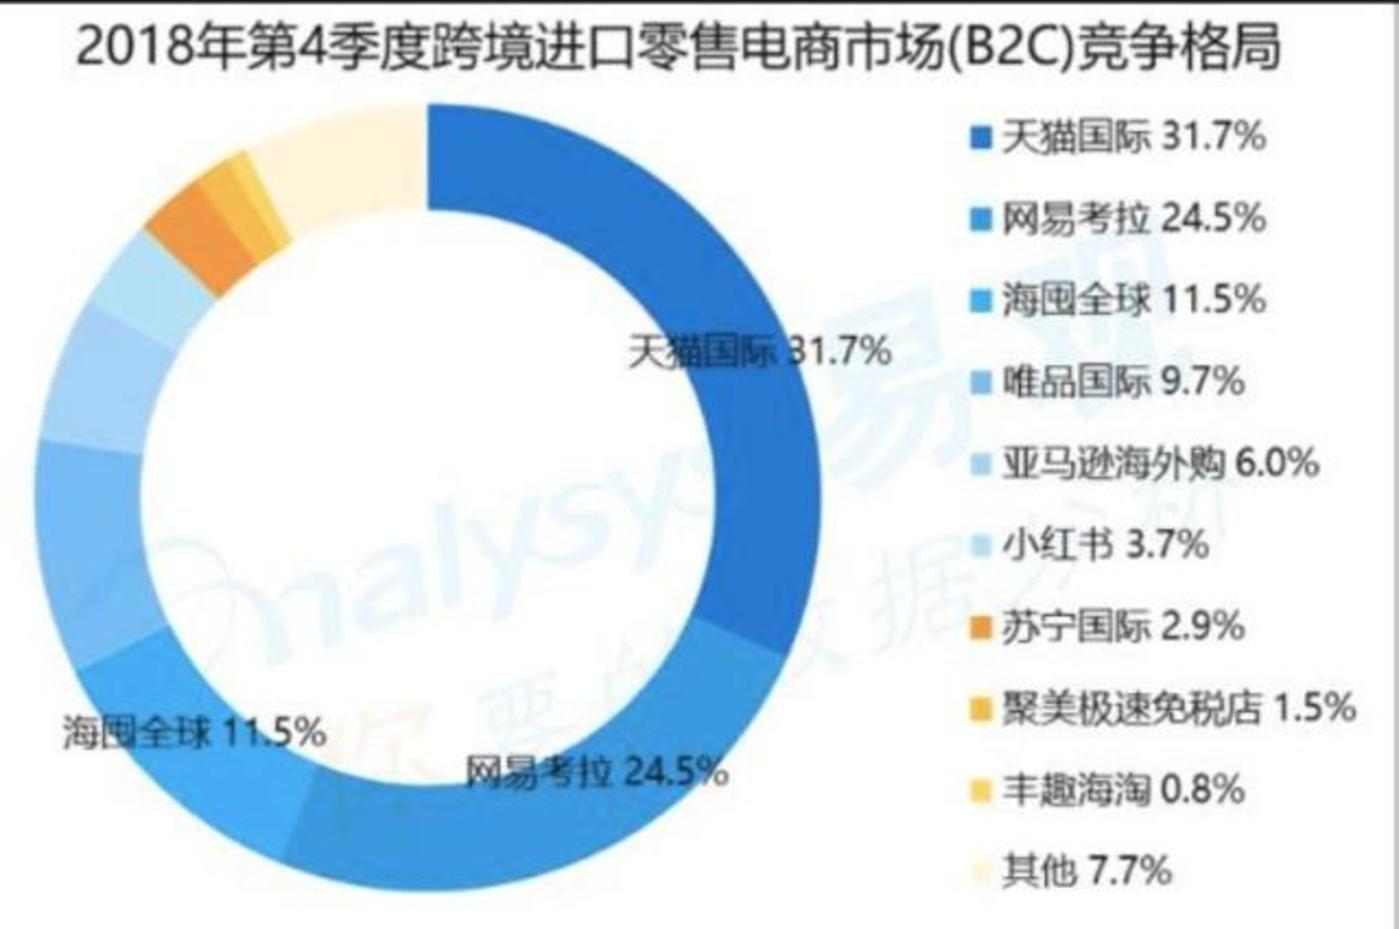 入华15年、市场份额不到1%,亚马逊电商如何一步步失速中国